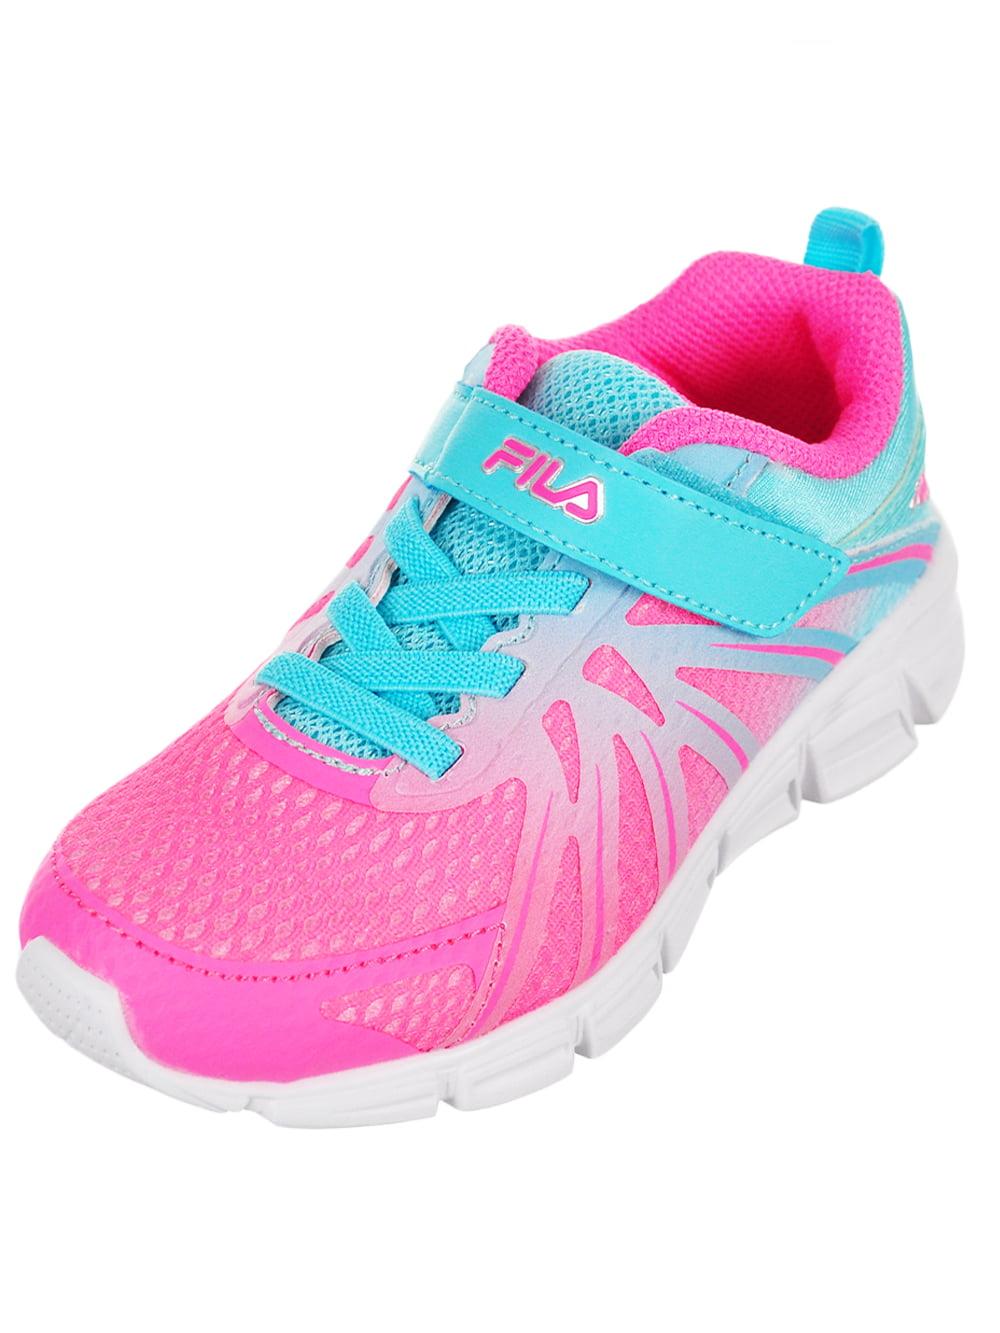 Fila Girls' Fraction Sneakers (Sizes 5 10) by Fila